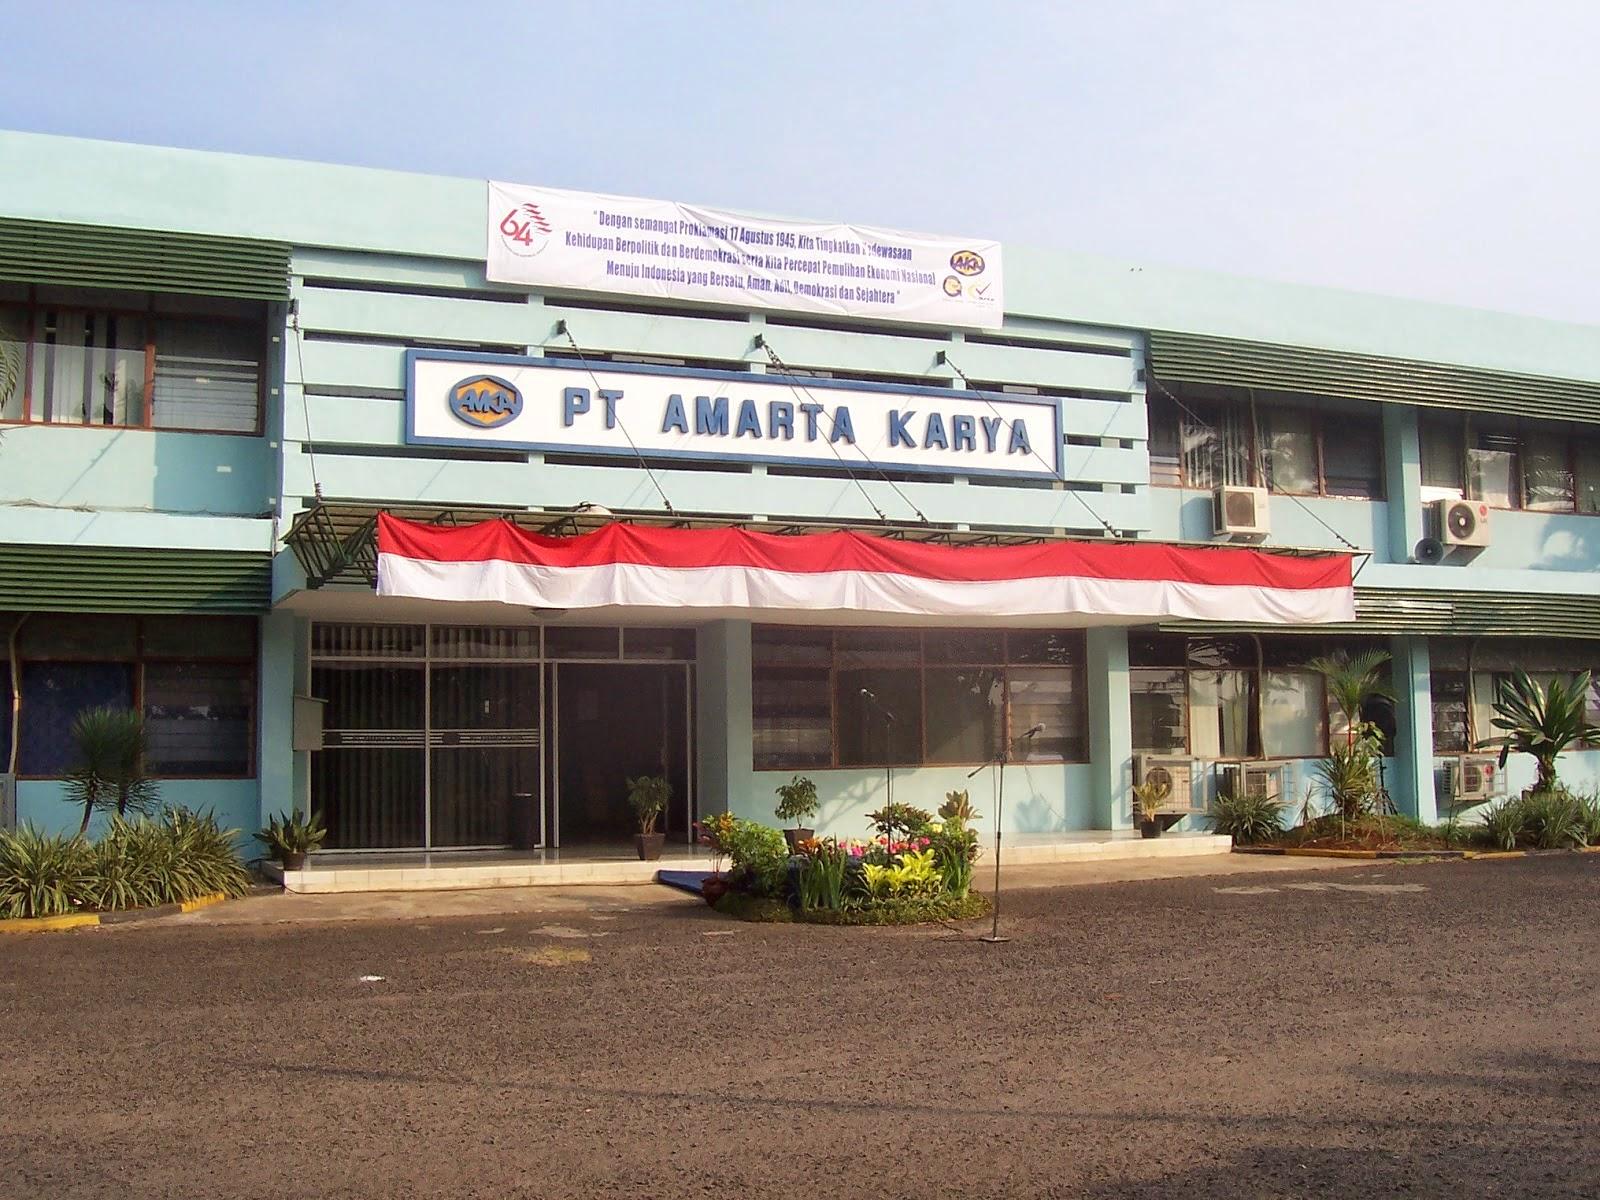 Lowongan PT Amarta Karya (Persero)